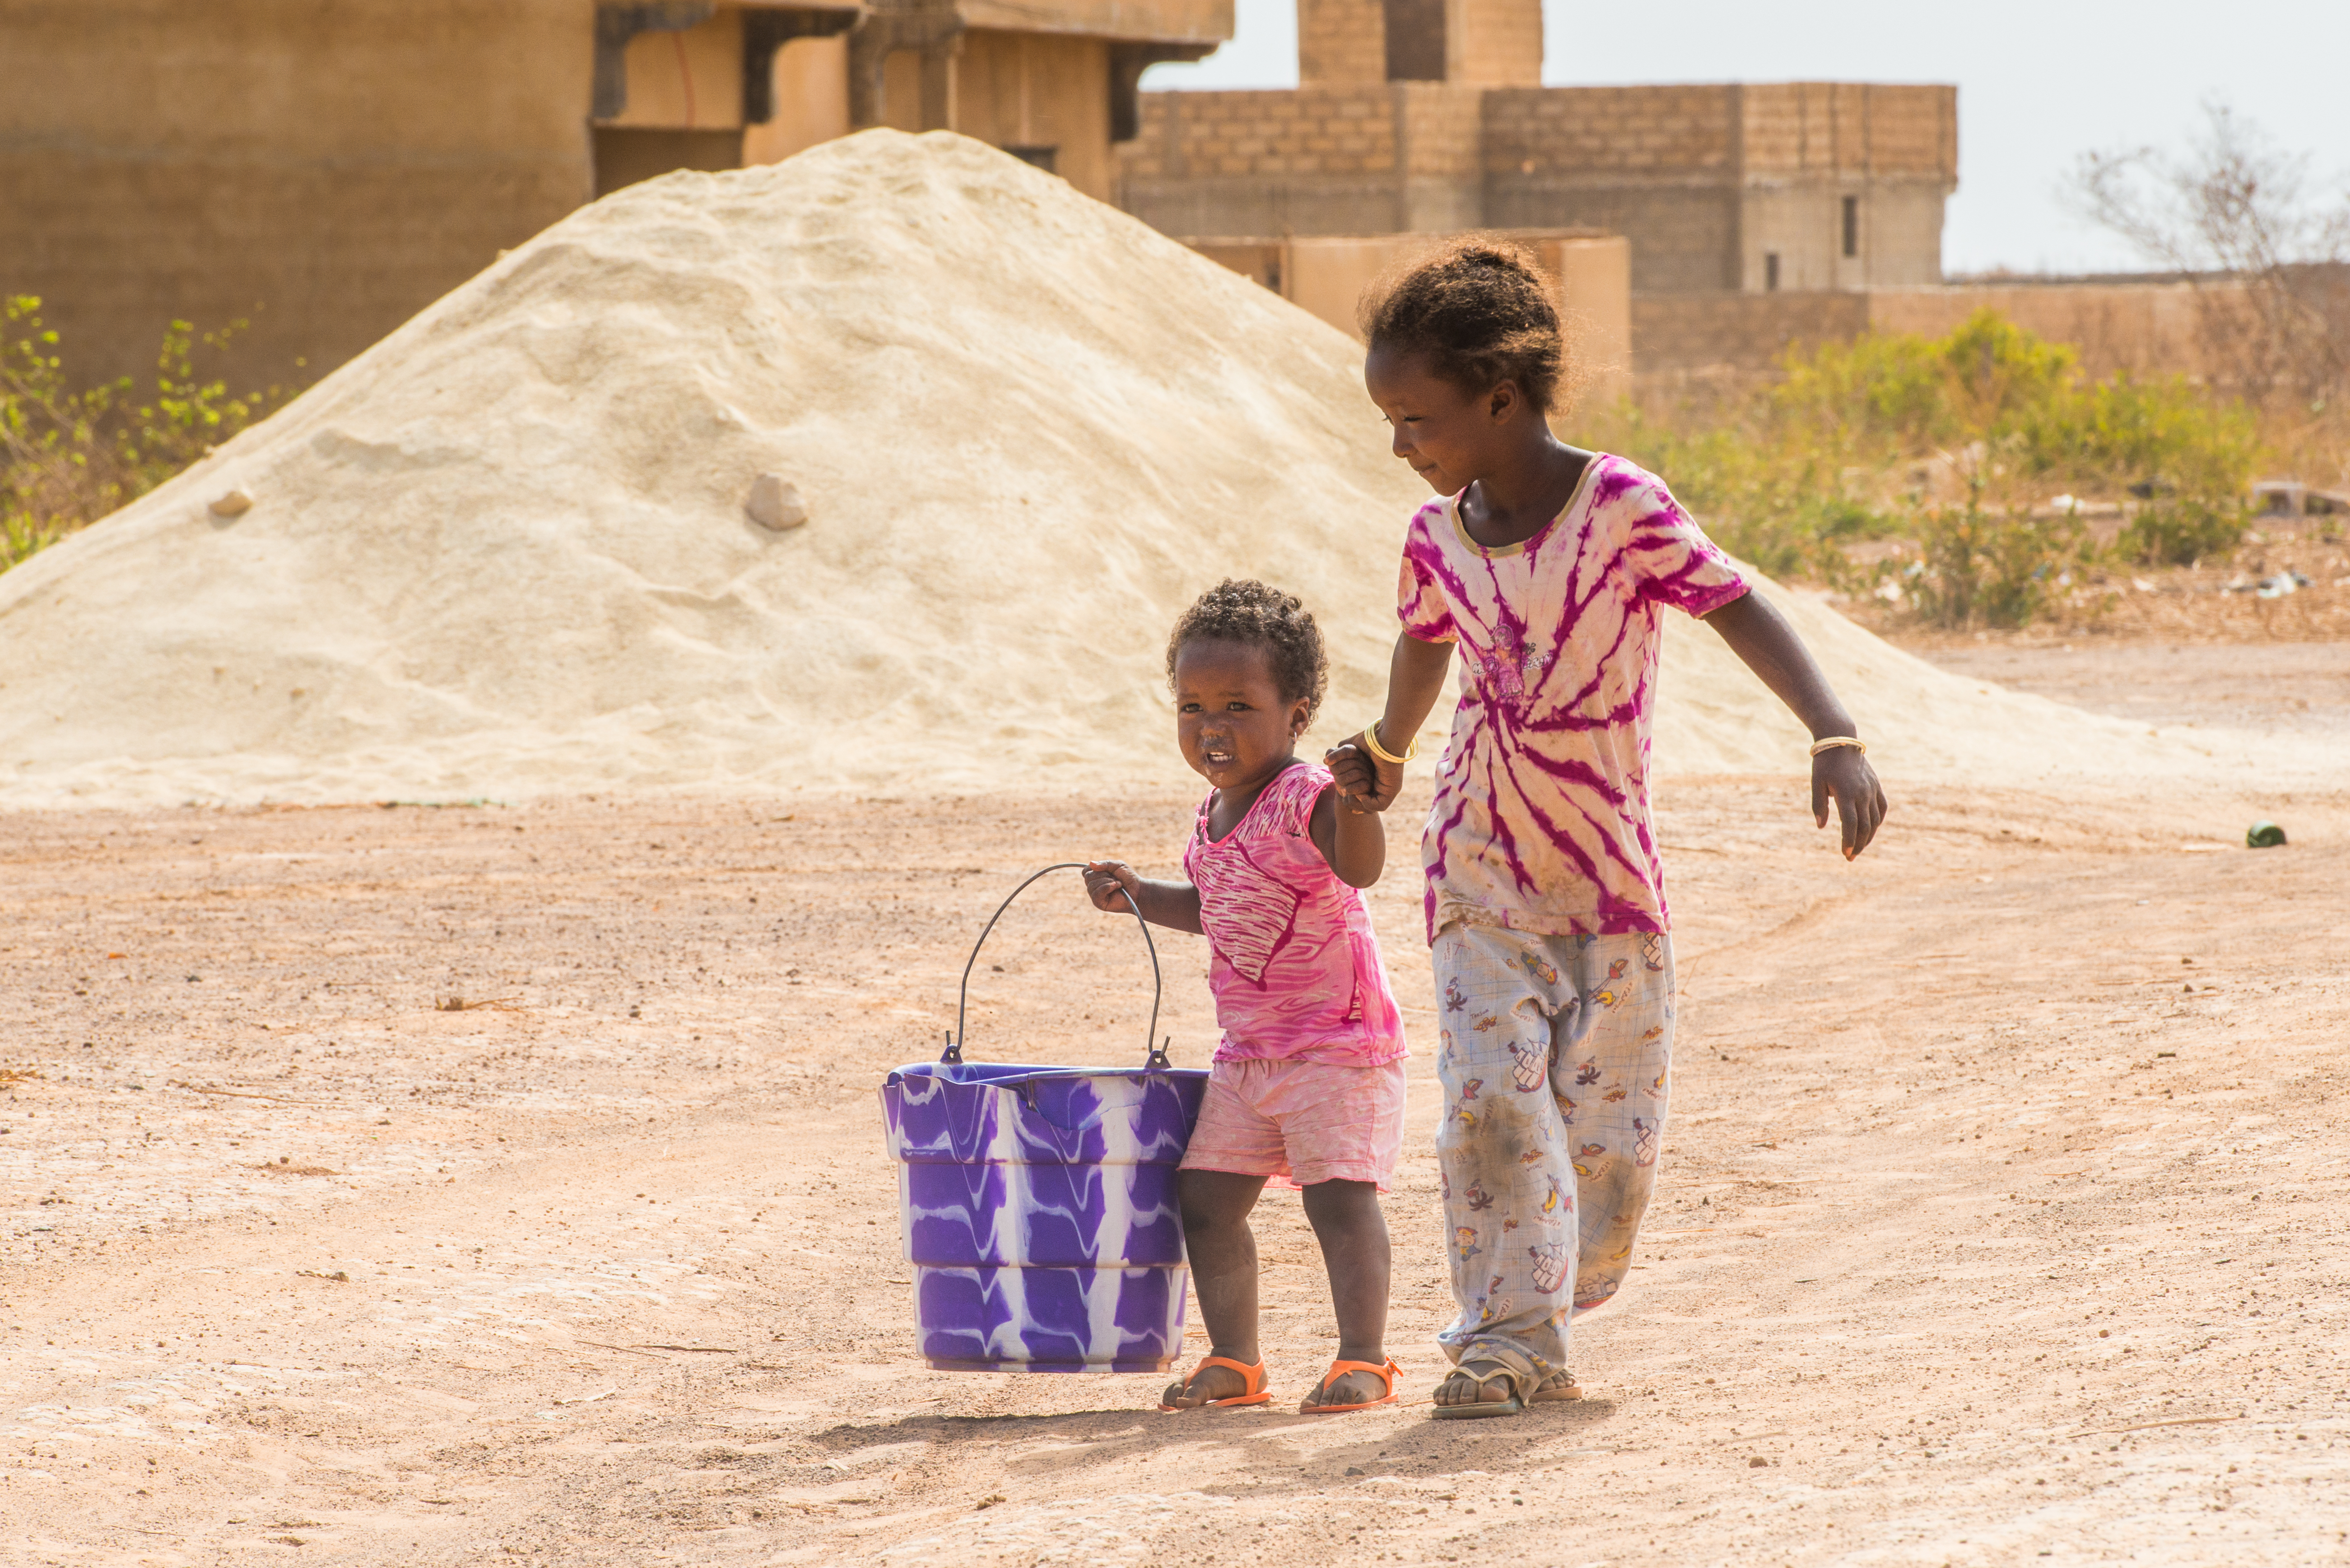 Derecho humano al agua y saneamiento, ¿realidad o utopía?